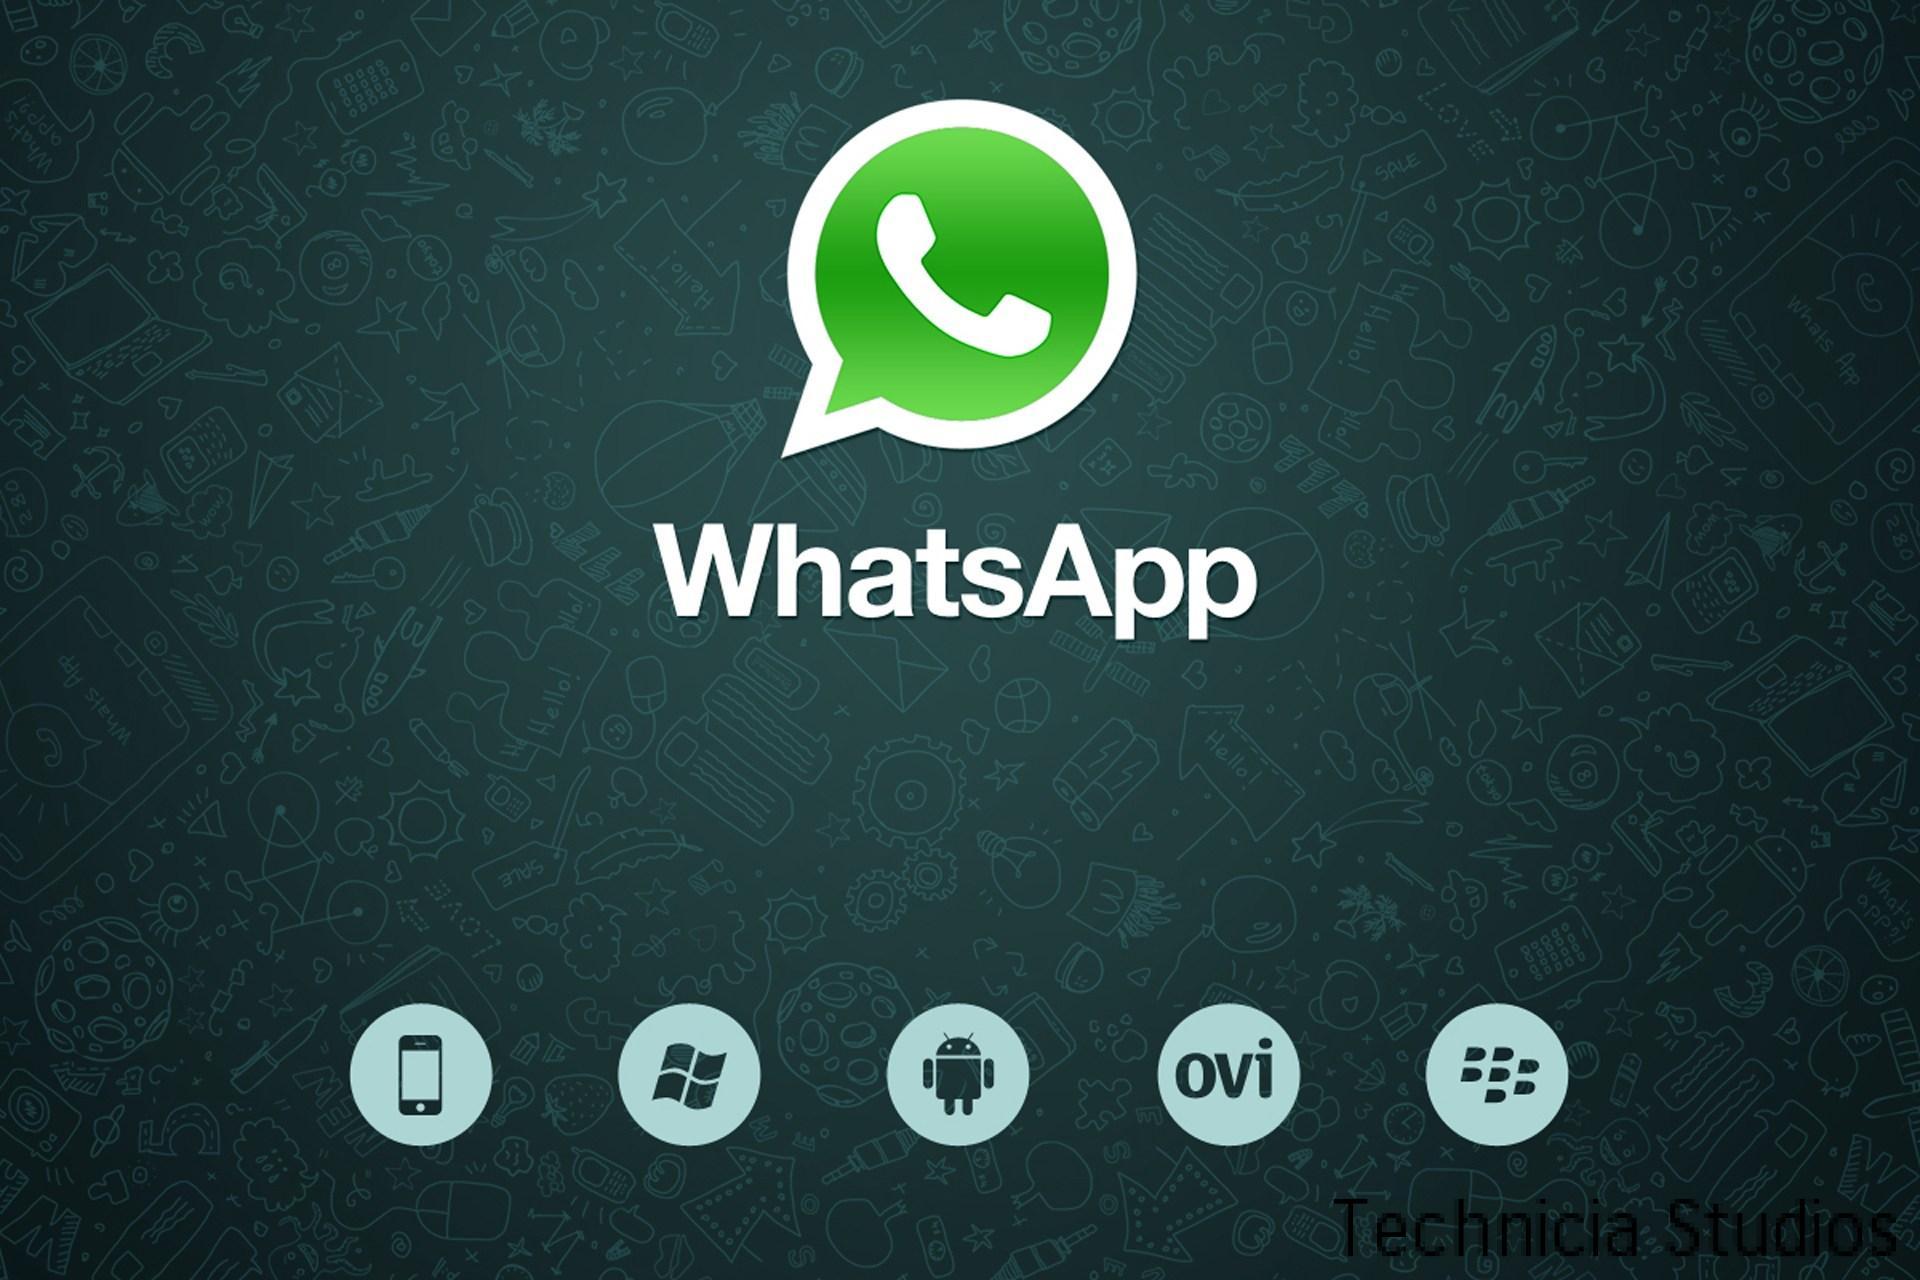 WhatsApp Mesajlarını Bilgisayardan okuma whatsapp mesajlarını bilgisayardan okuma WhatsApp Mesajlarını Bilgisayardan okuma whatsapp